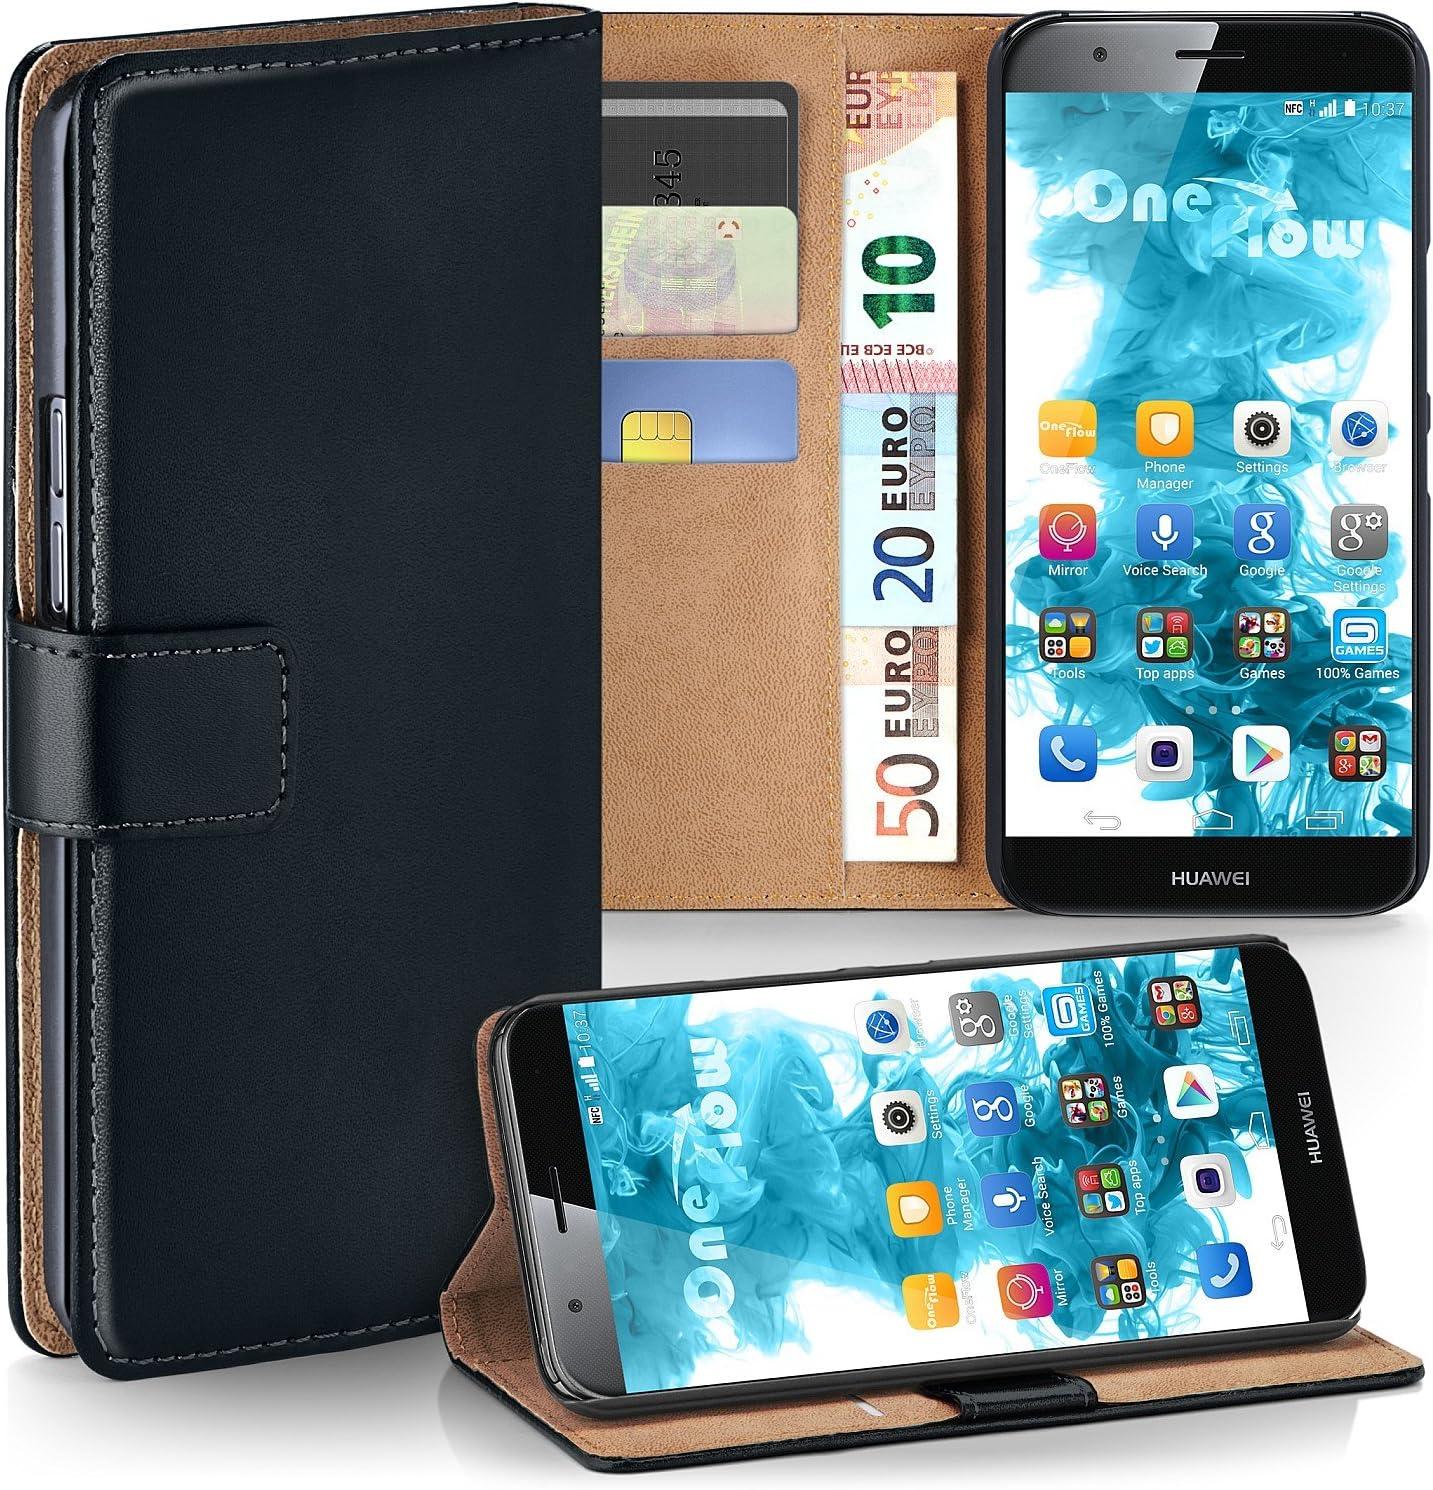 OneFlow Bolso Funda Huawei G8 / GX8 Cubierta con Tarjetero ...